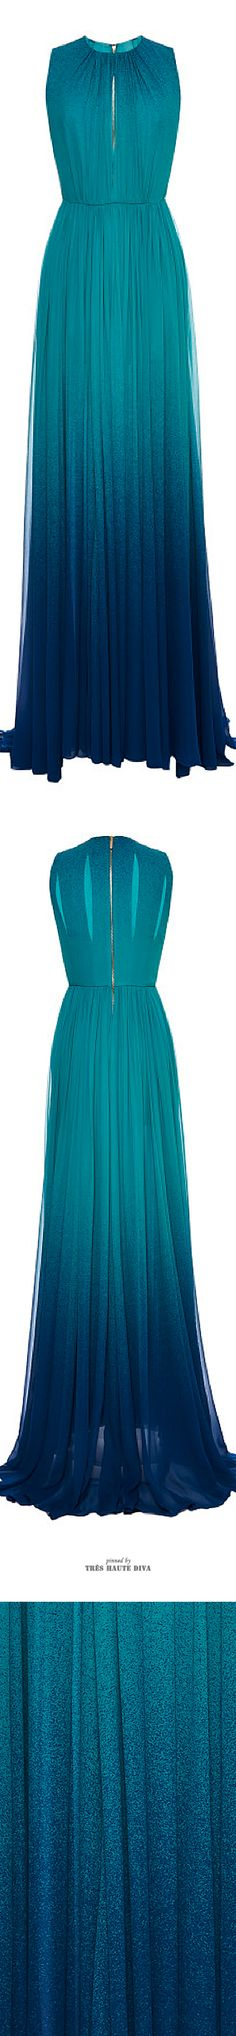 Elie Saab Turquoise Degrade Silk Georgette Dress ♔ SS 2015- ♔LadyLuxury♔